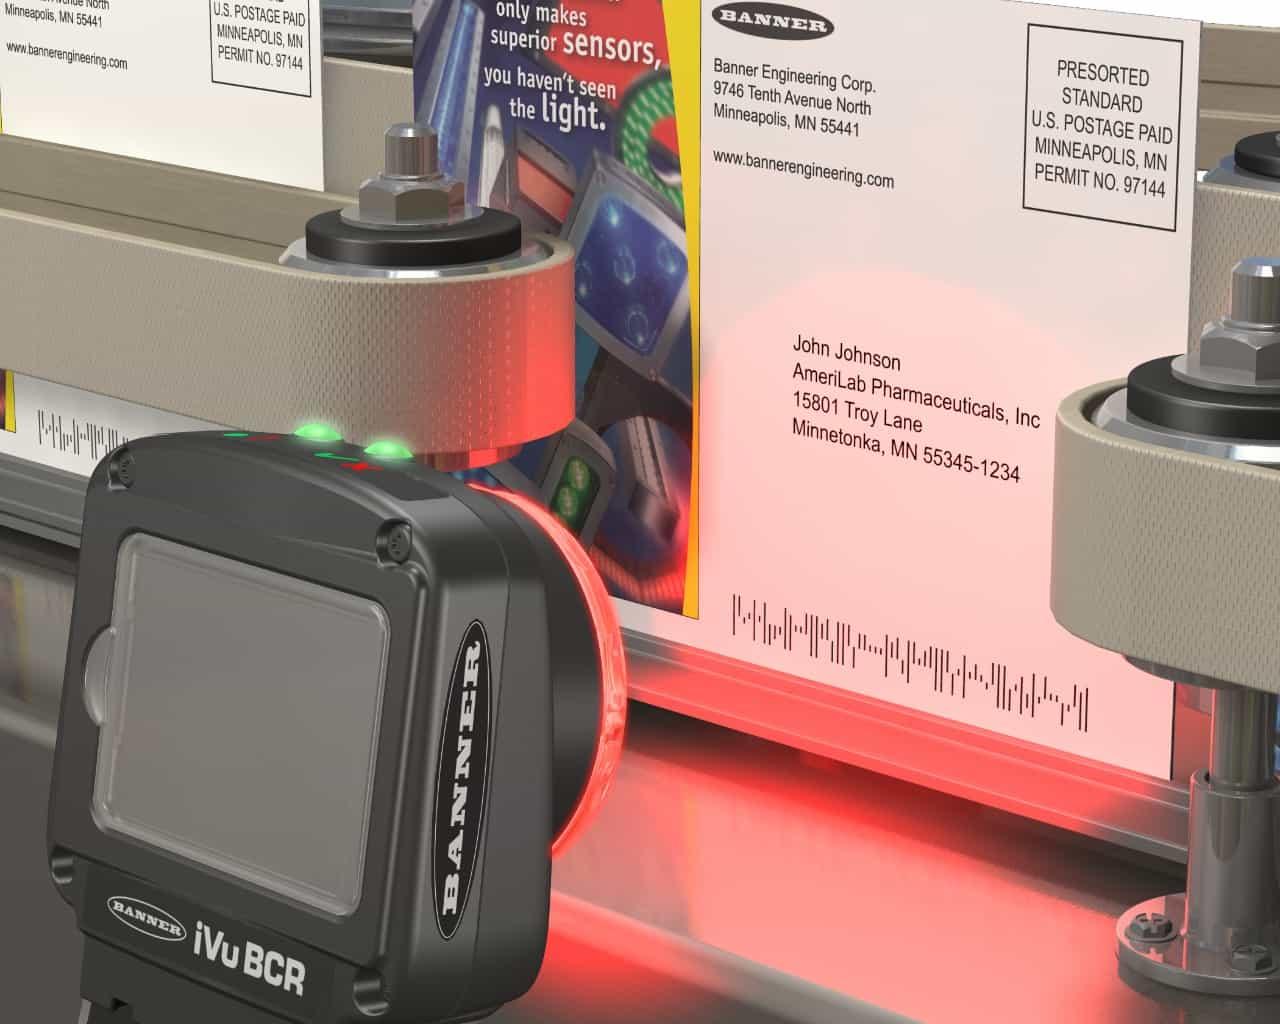 กล้องตรวจสอบสินค้า การเช็คข้อความ